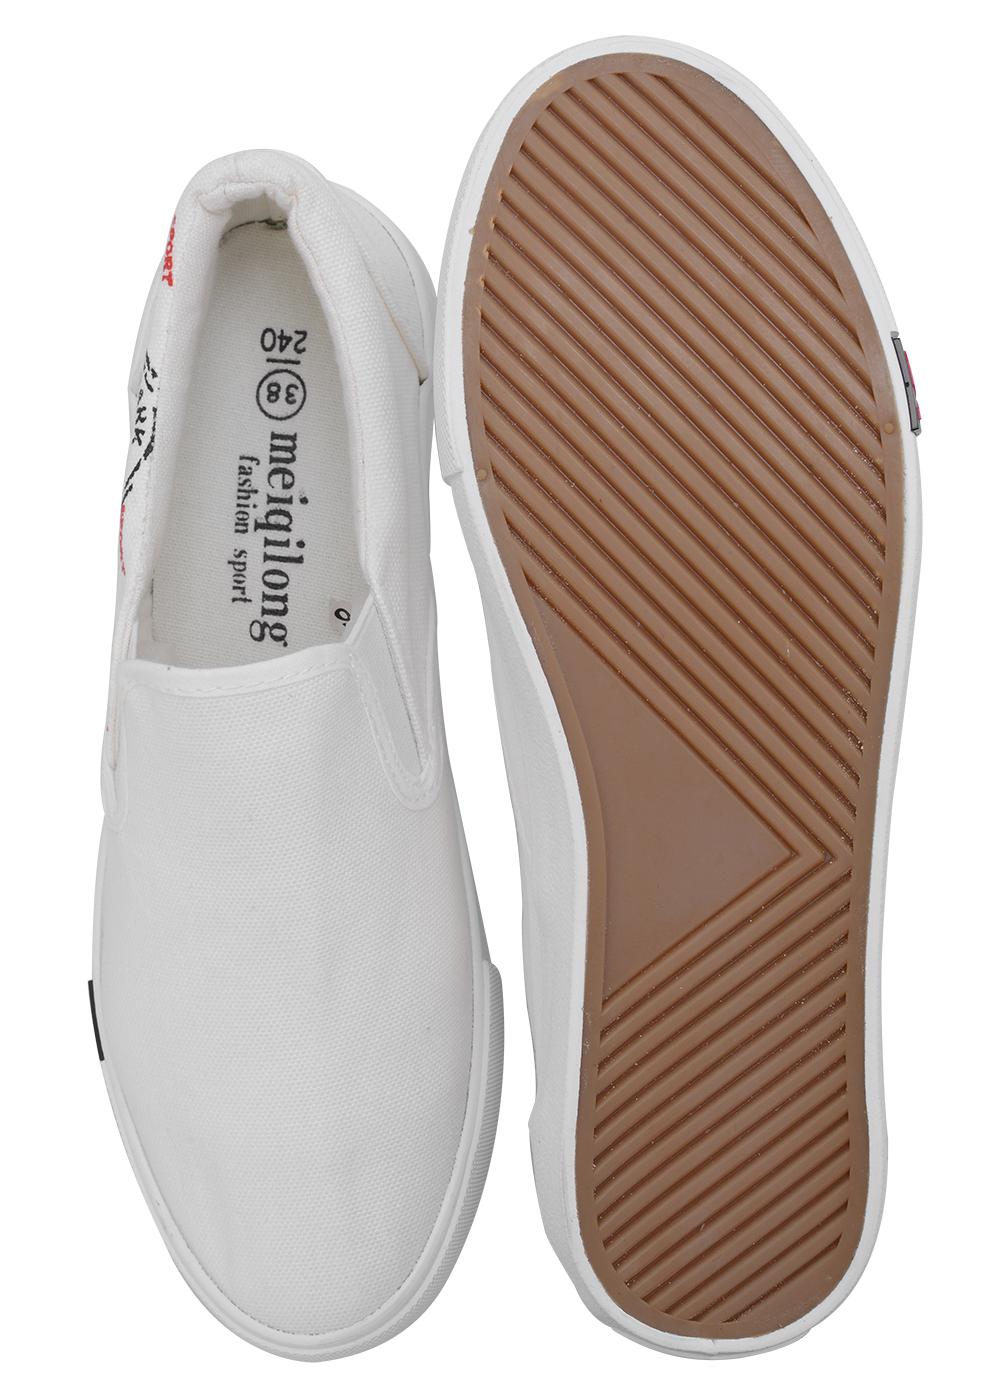 Giày Slipon Nữ AZ79 WNTT100401 - Trắng